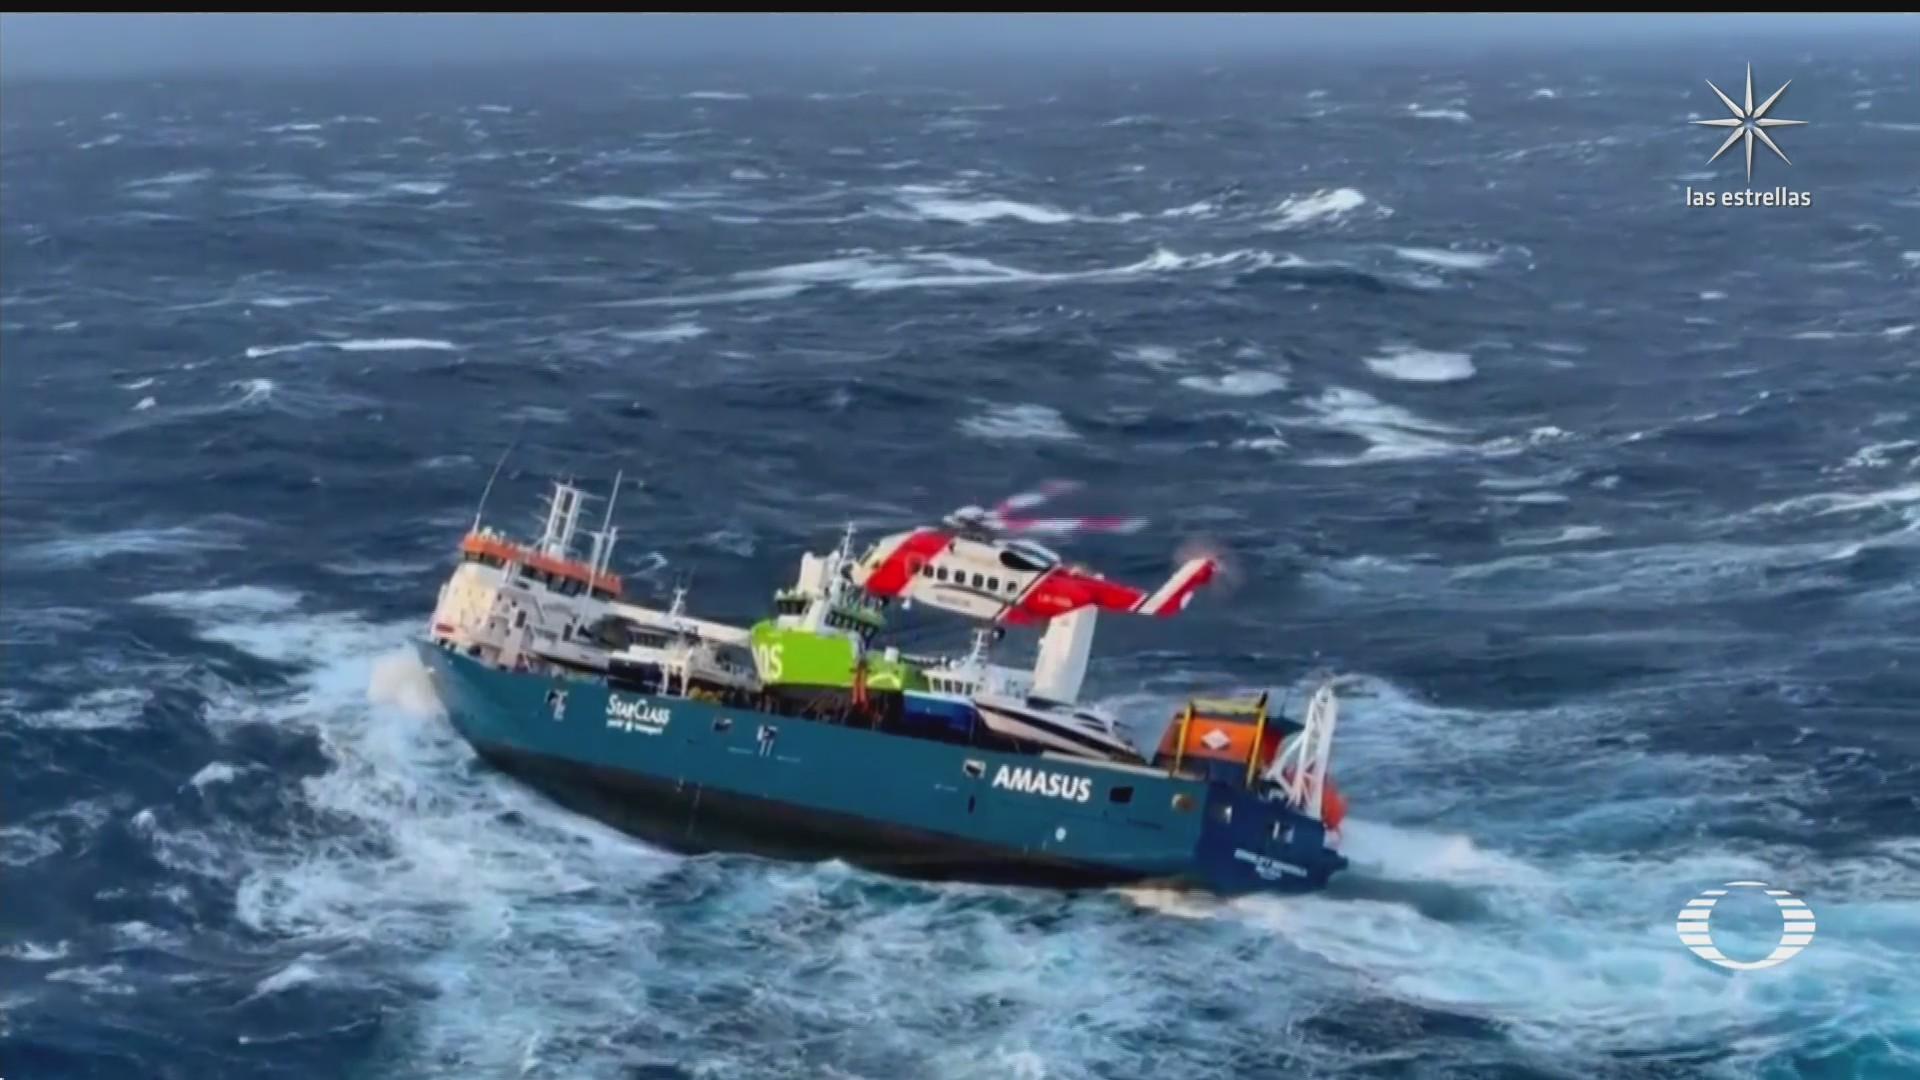 rescatan a tripulantes de barco en noruega